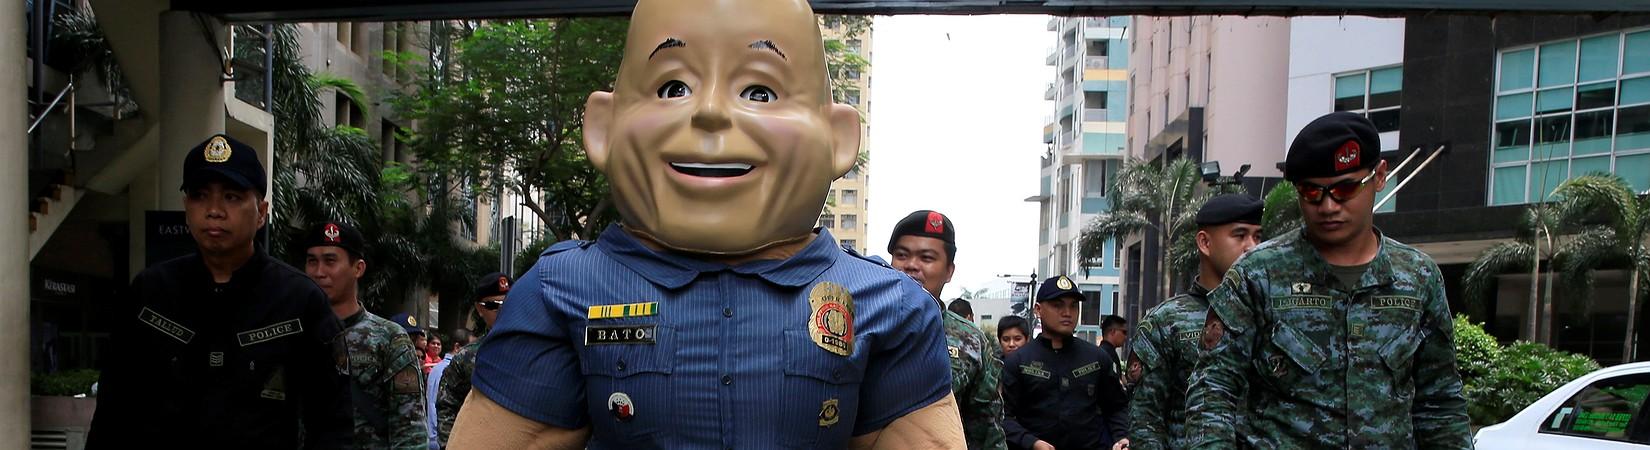 Filipinas habría creado un escuadrón secreto de policia para matar a los drogadictos y traficantes de drogas